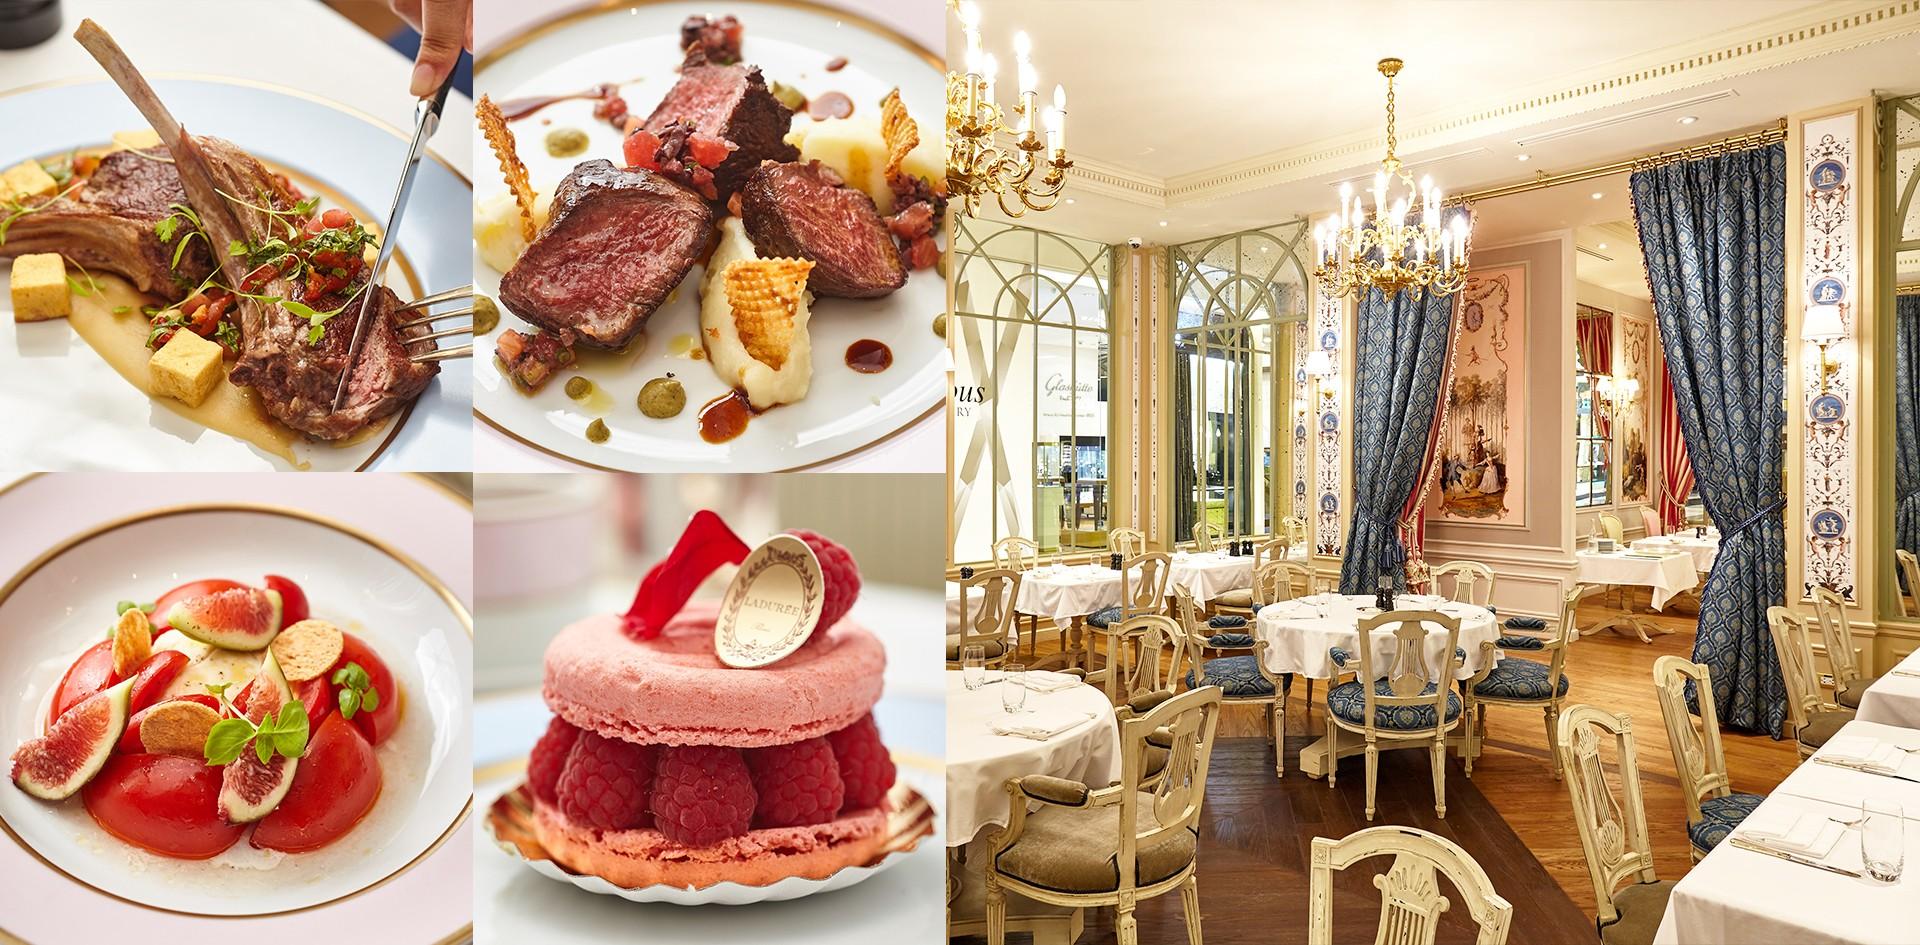 """ยกฝรั่งเศสไว้ที่พารากอน! กับ """"Ladurée"""" อาหารฝรั่งเศสแบบต้นตำรับ"""